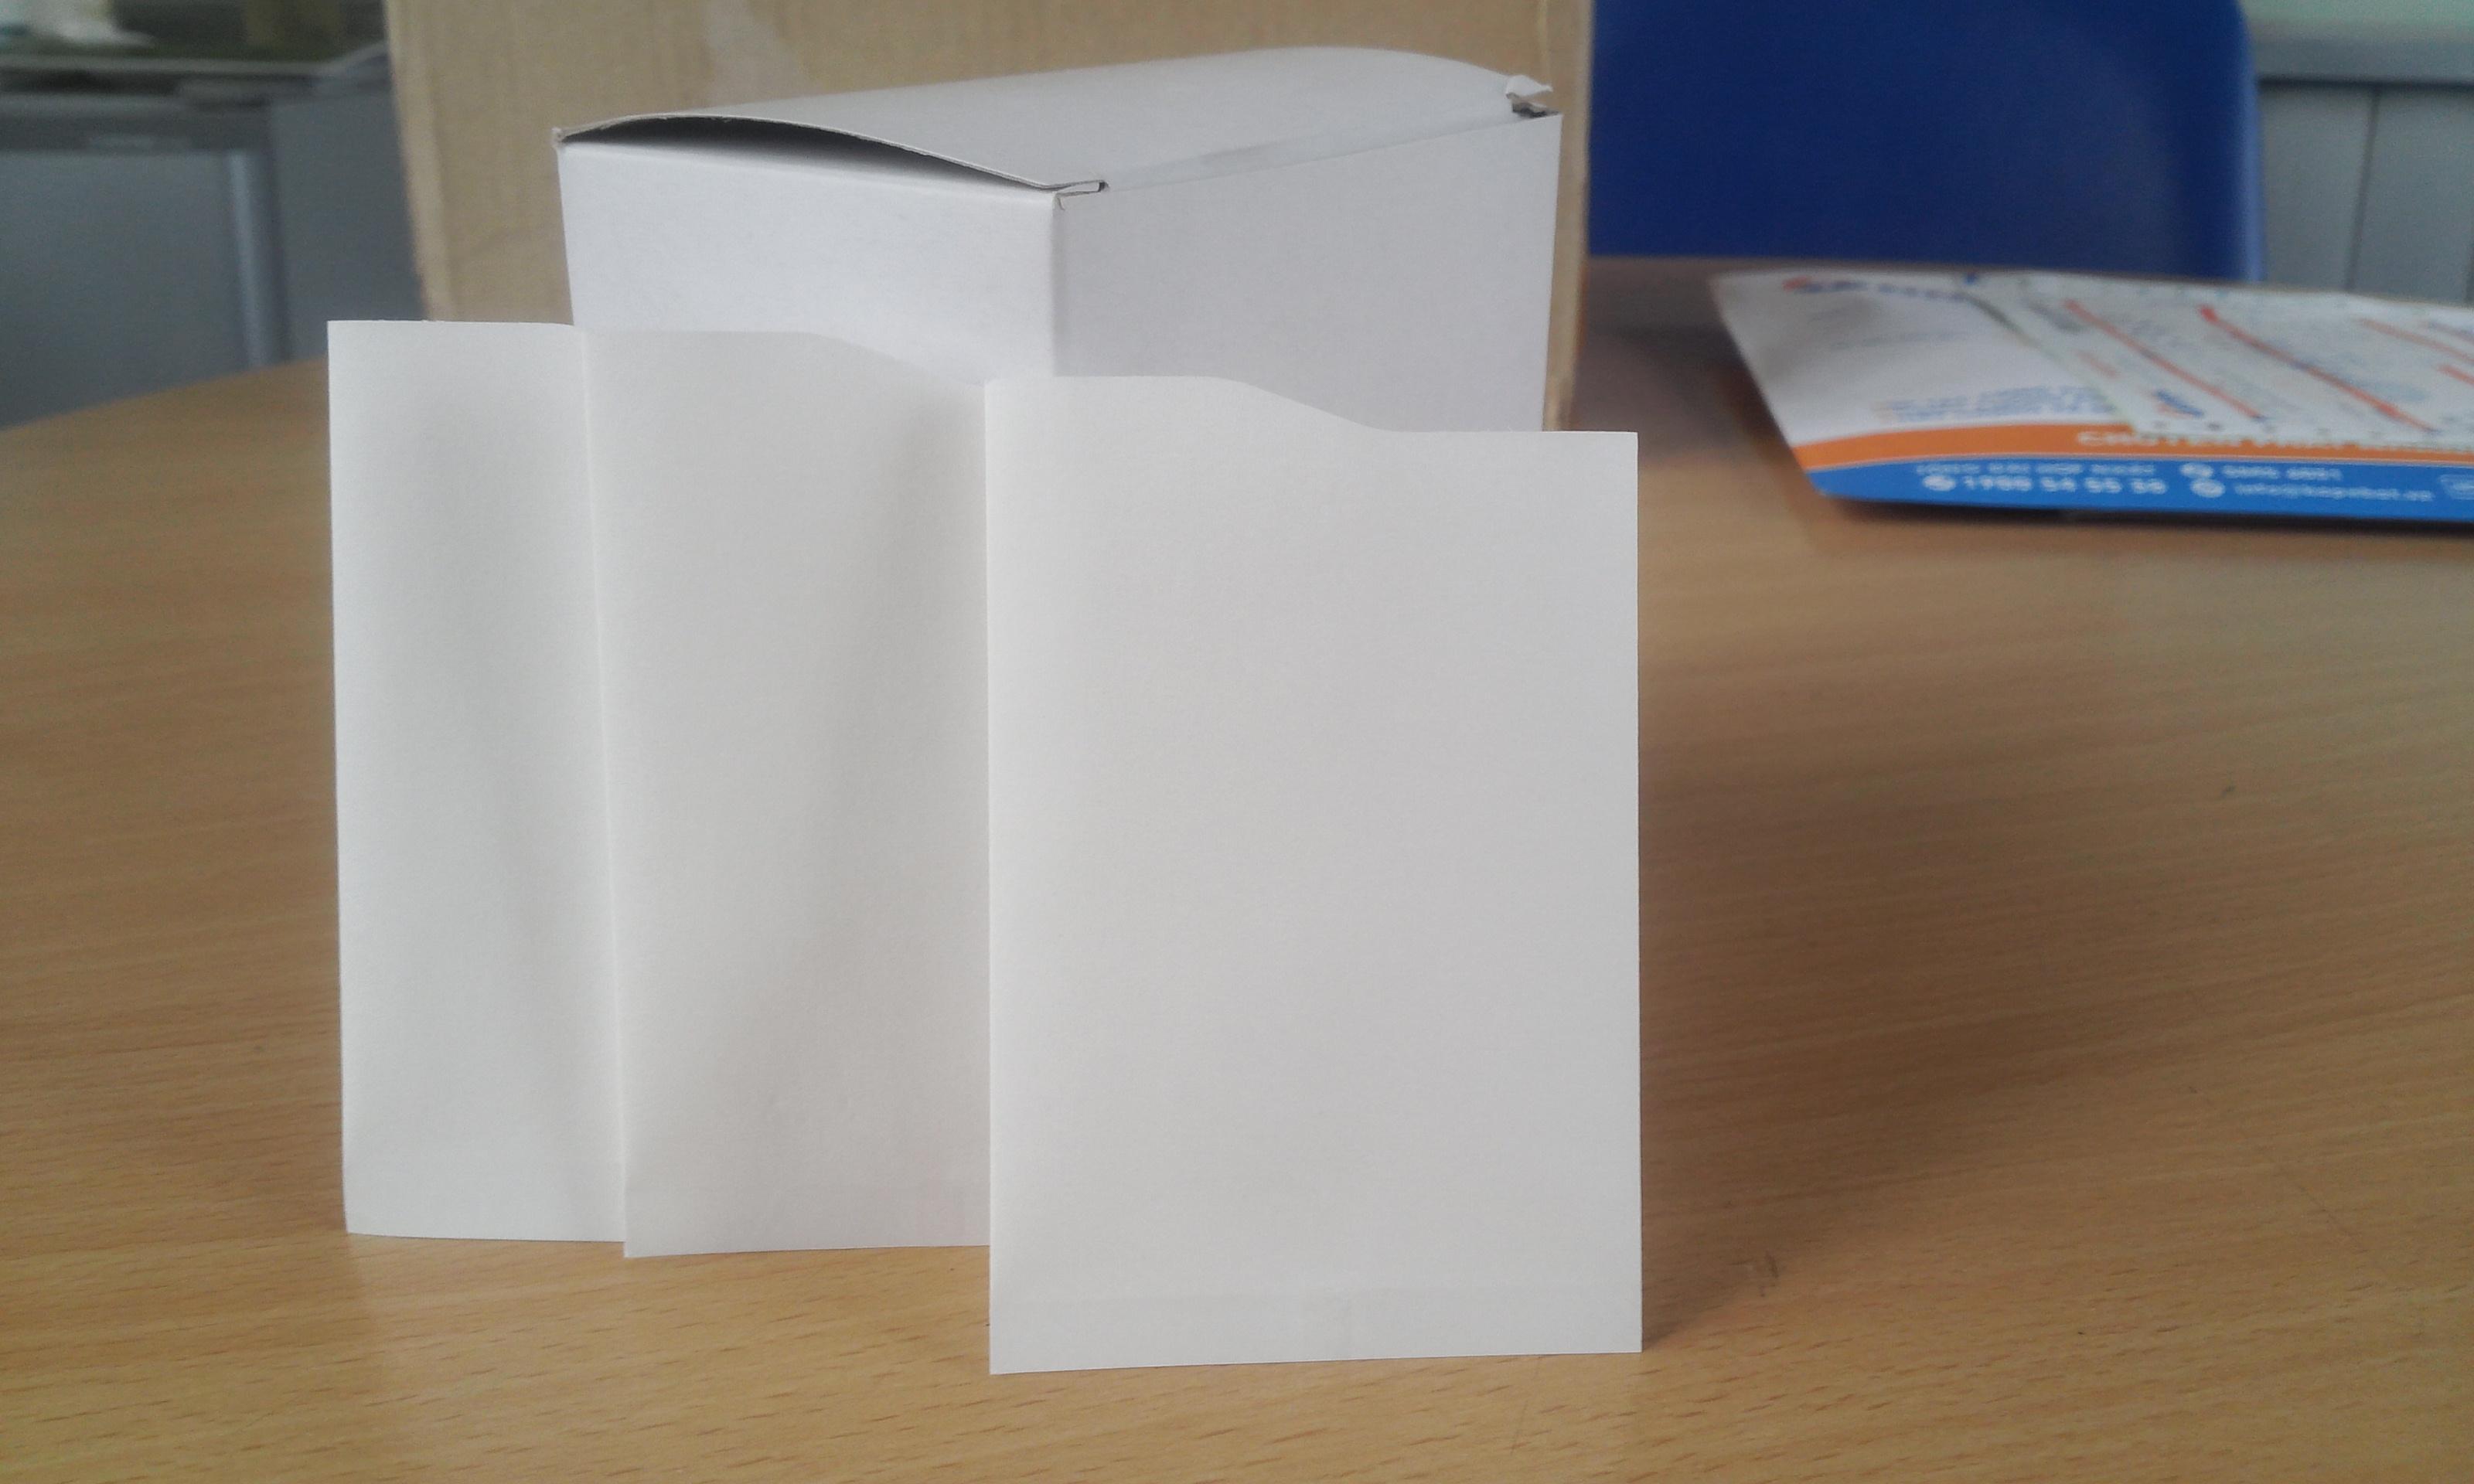 Túi uống nước bằng giấy (dùng 1 lần) - loại 4.000 túi / thùng carton